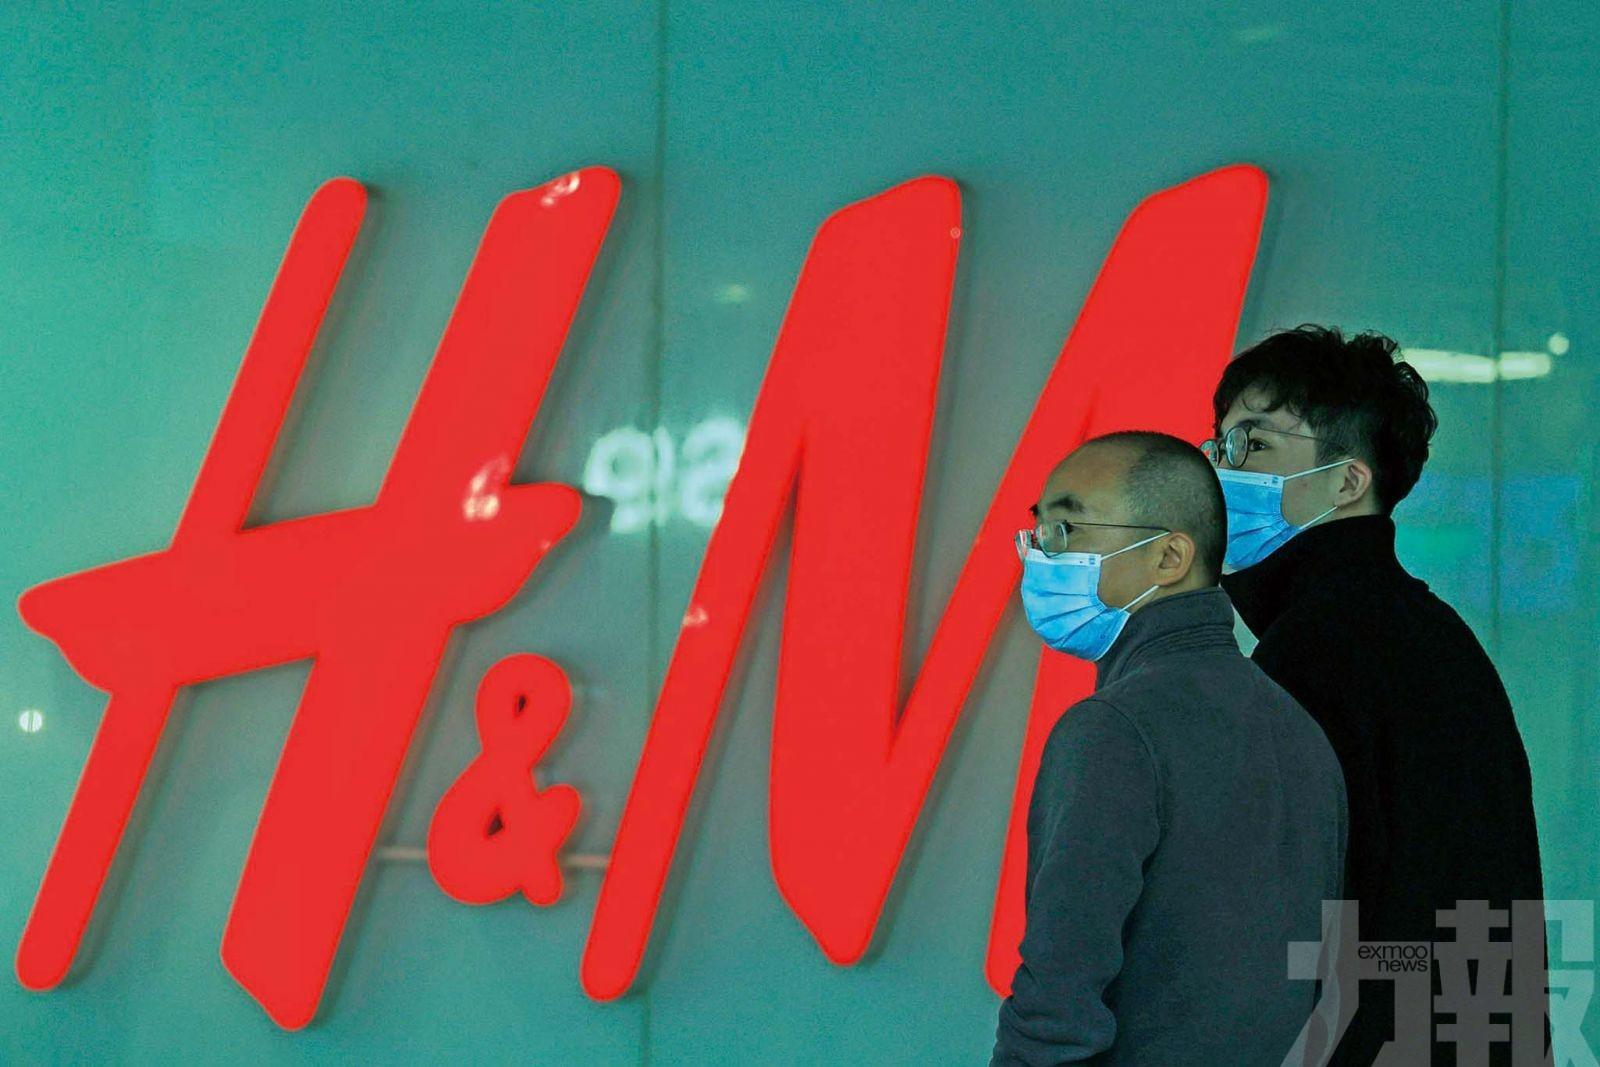 強調「 中國是非常重要的市場 」